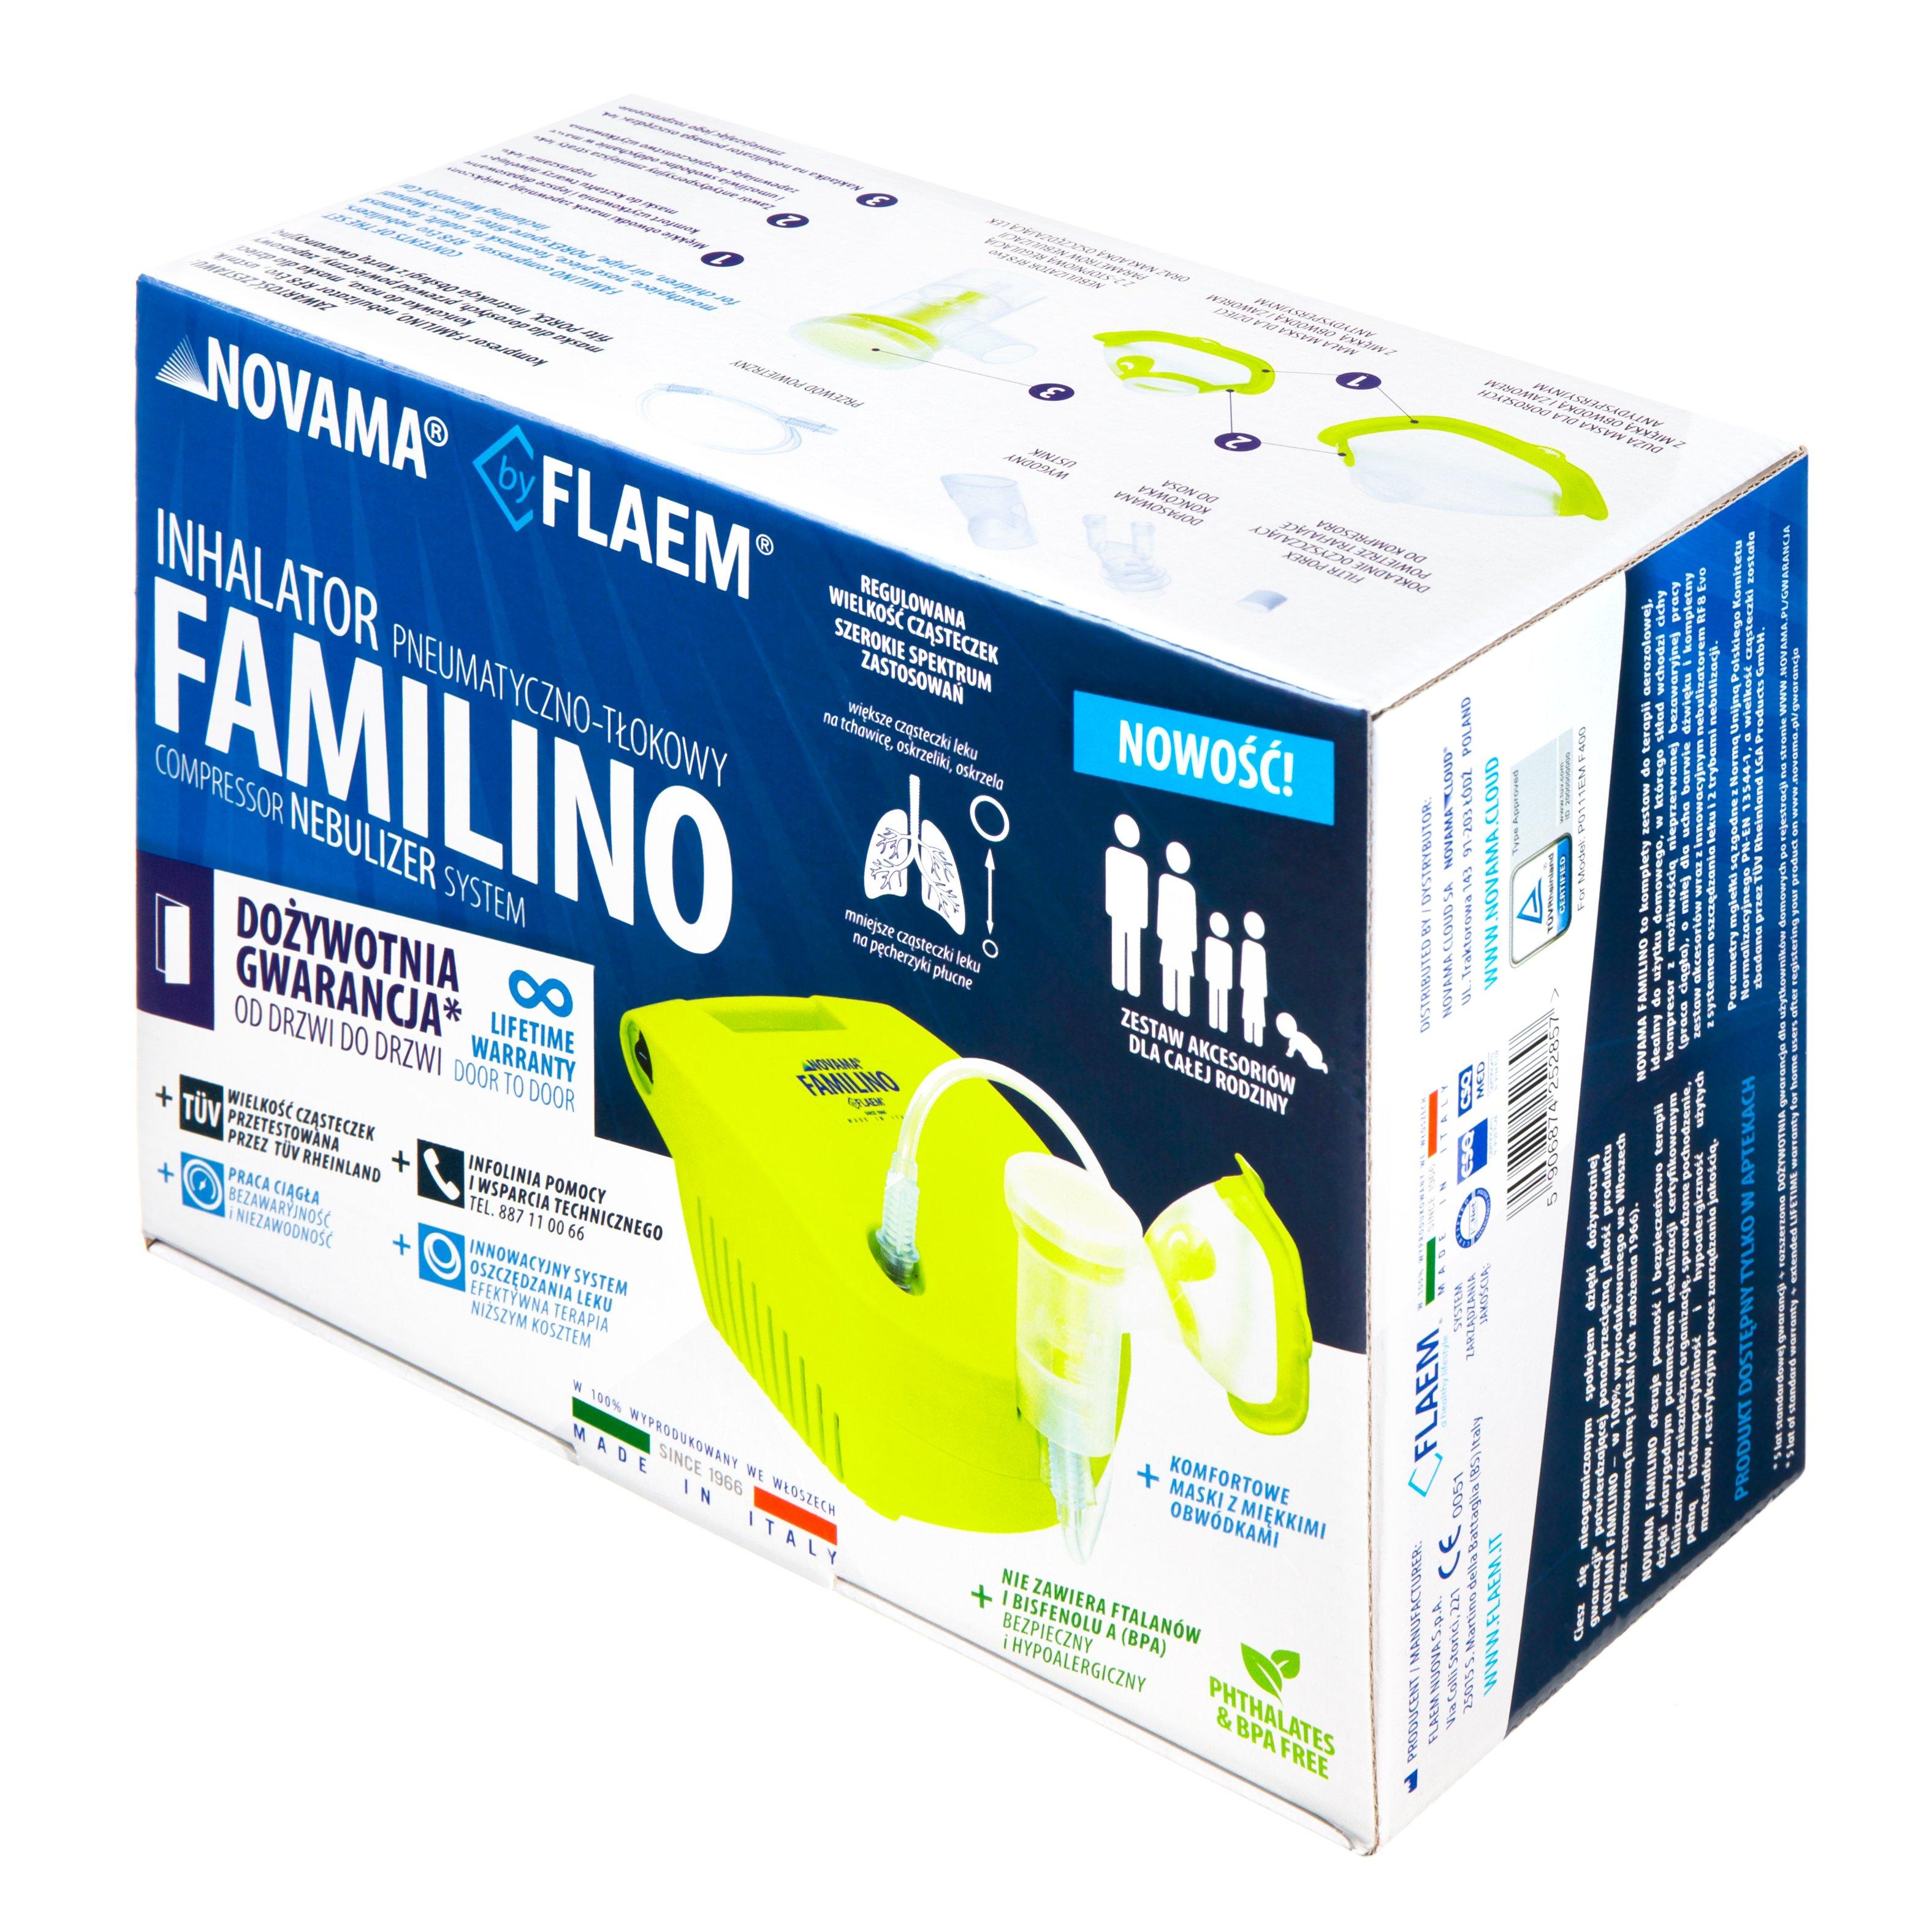 Inhalator Pneumatyczno Tłokowy Z Dożywotnią Gwarancją Novama Familino By Flaem